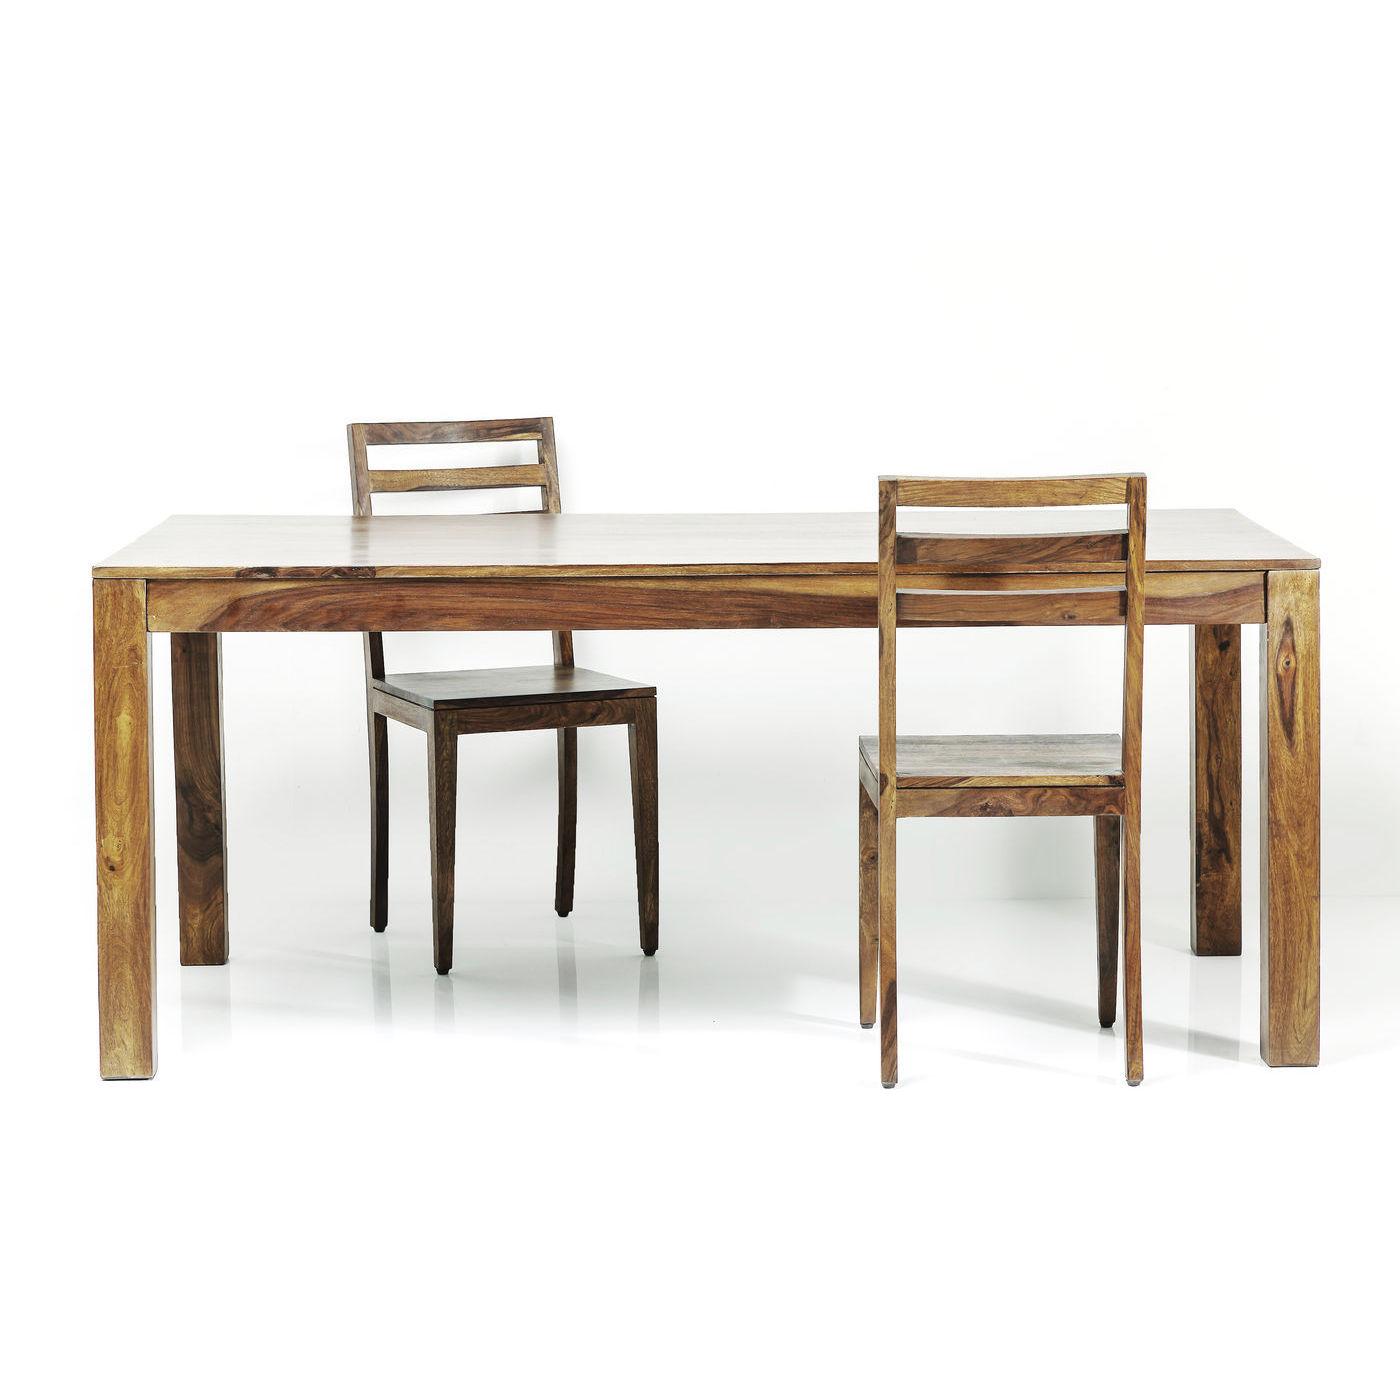 Image of   KARE DESIGN Authentico Dining spisebord (180x90)